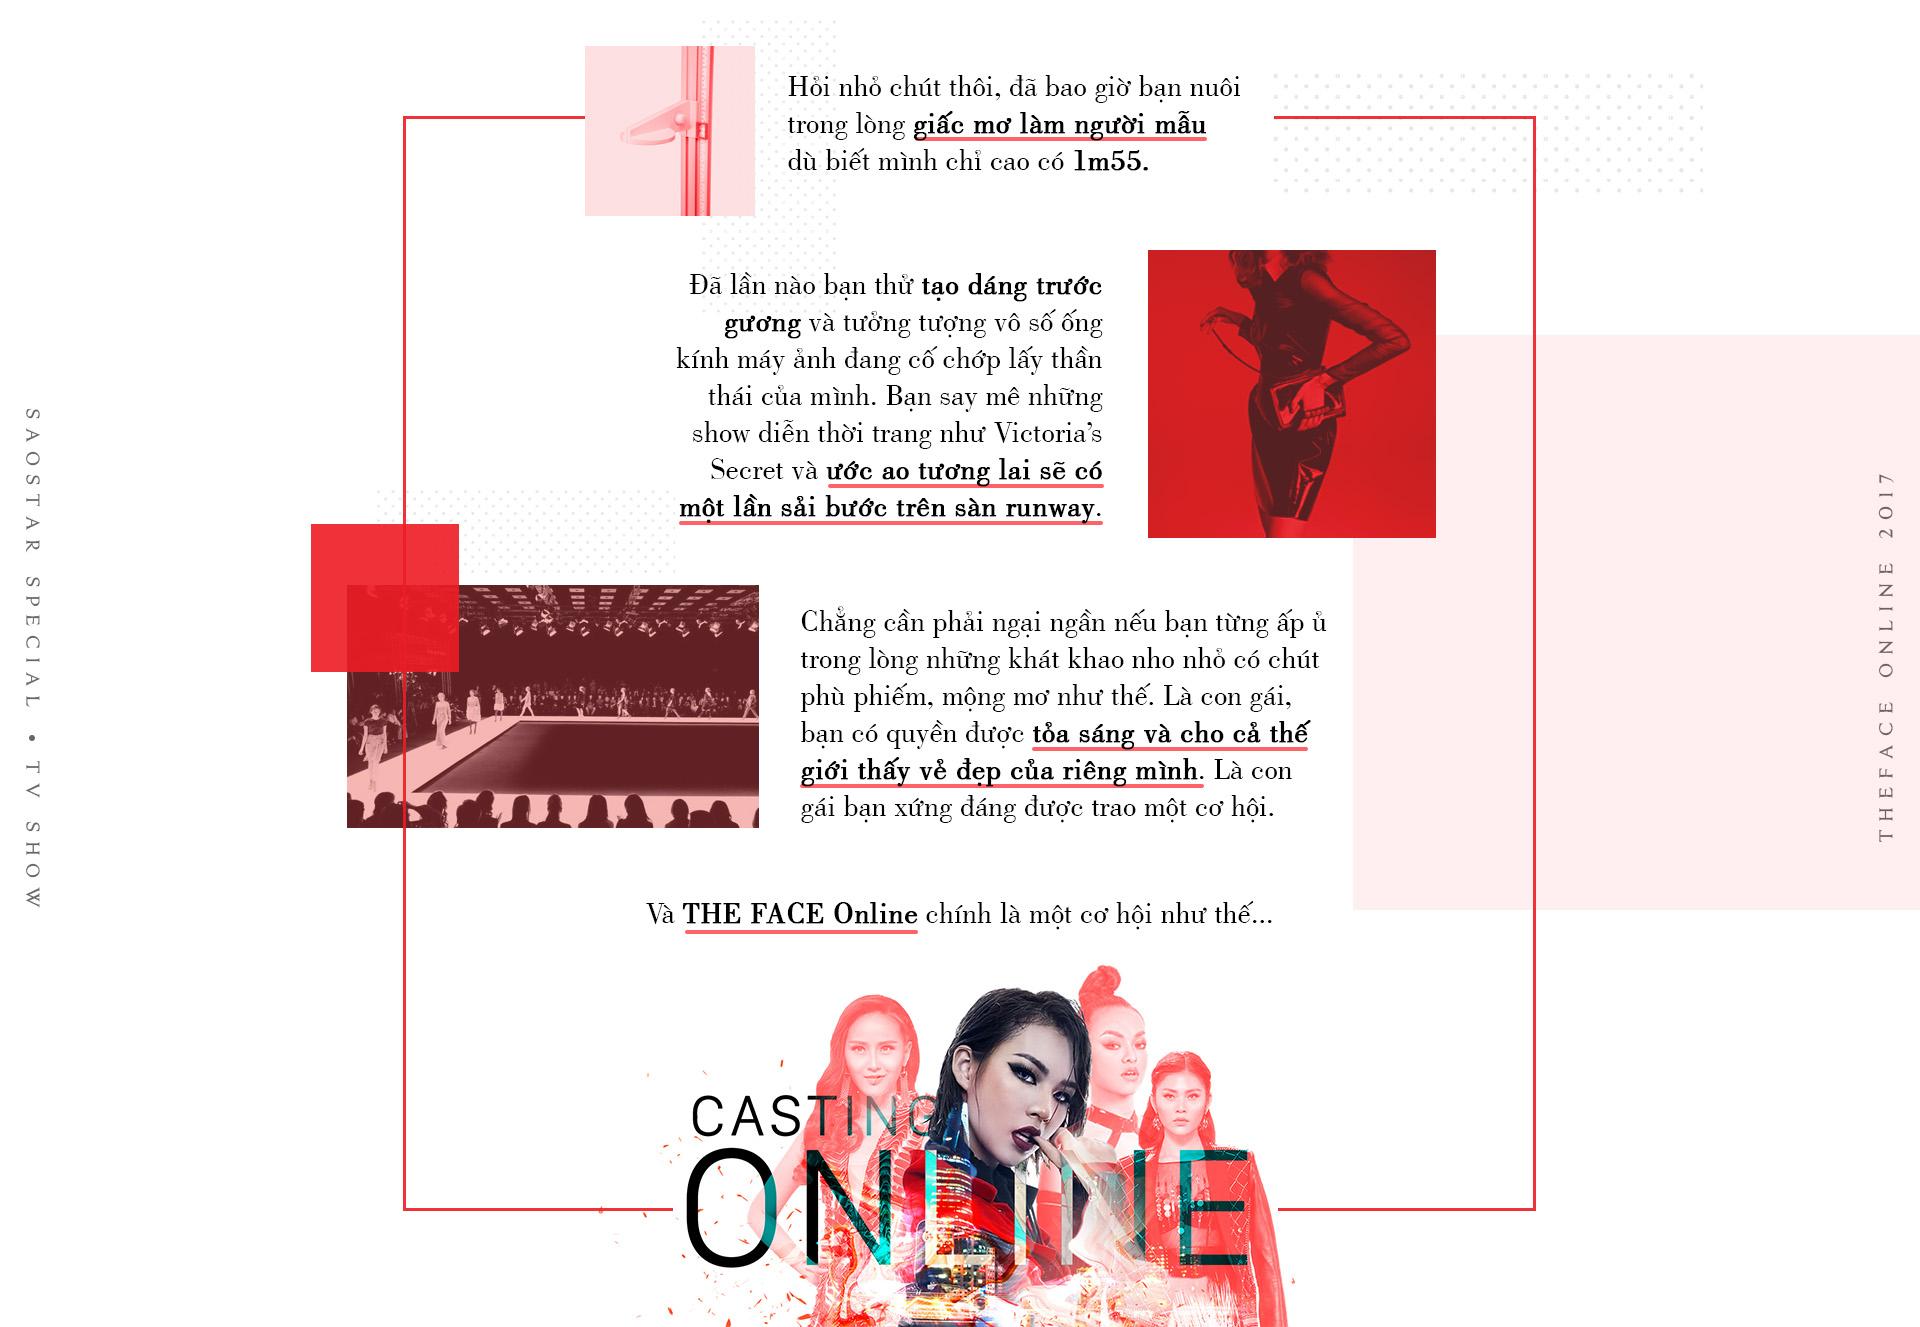 The Face Online - Giấc mơ có thật của những cô gái trẻ